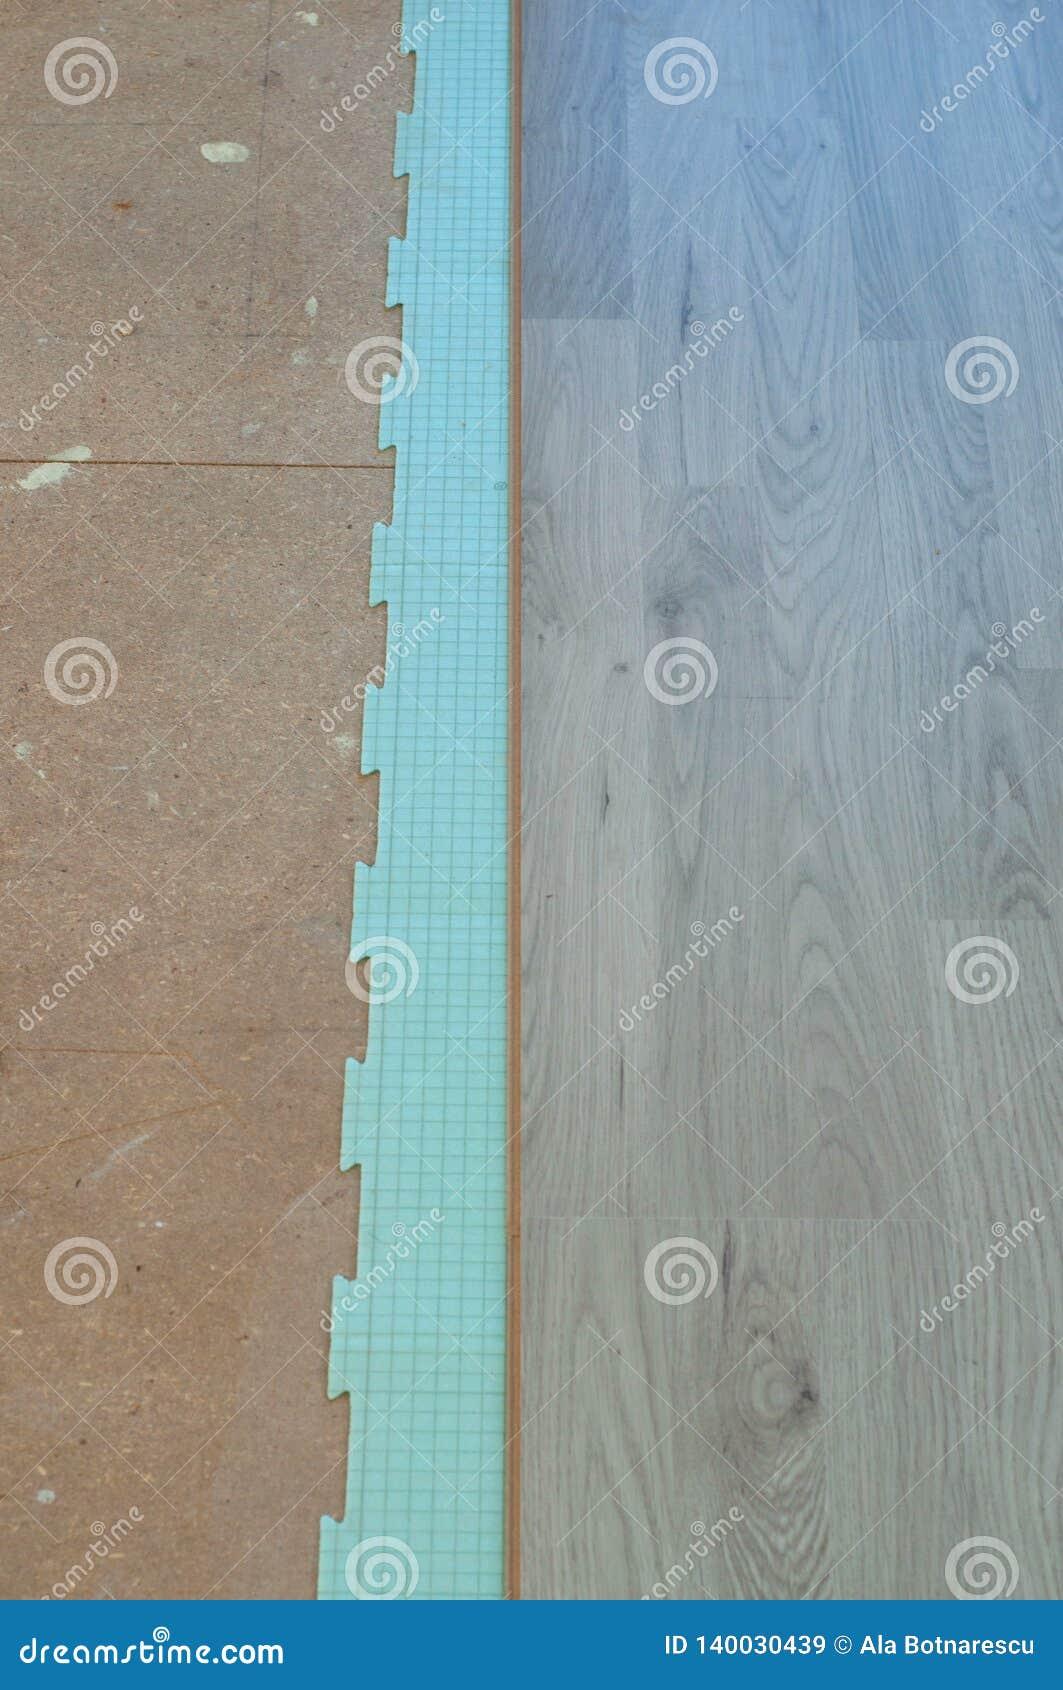 Istalation van nieuwe gelamineerde bevloering, die een het isoleren correct materiaal gebruiken